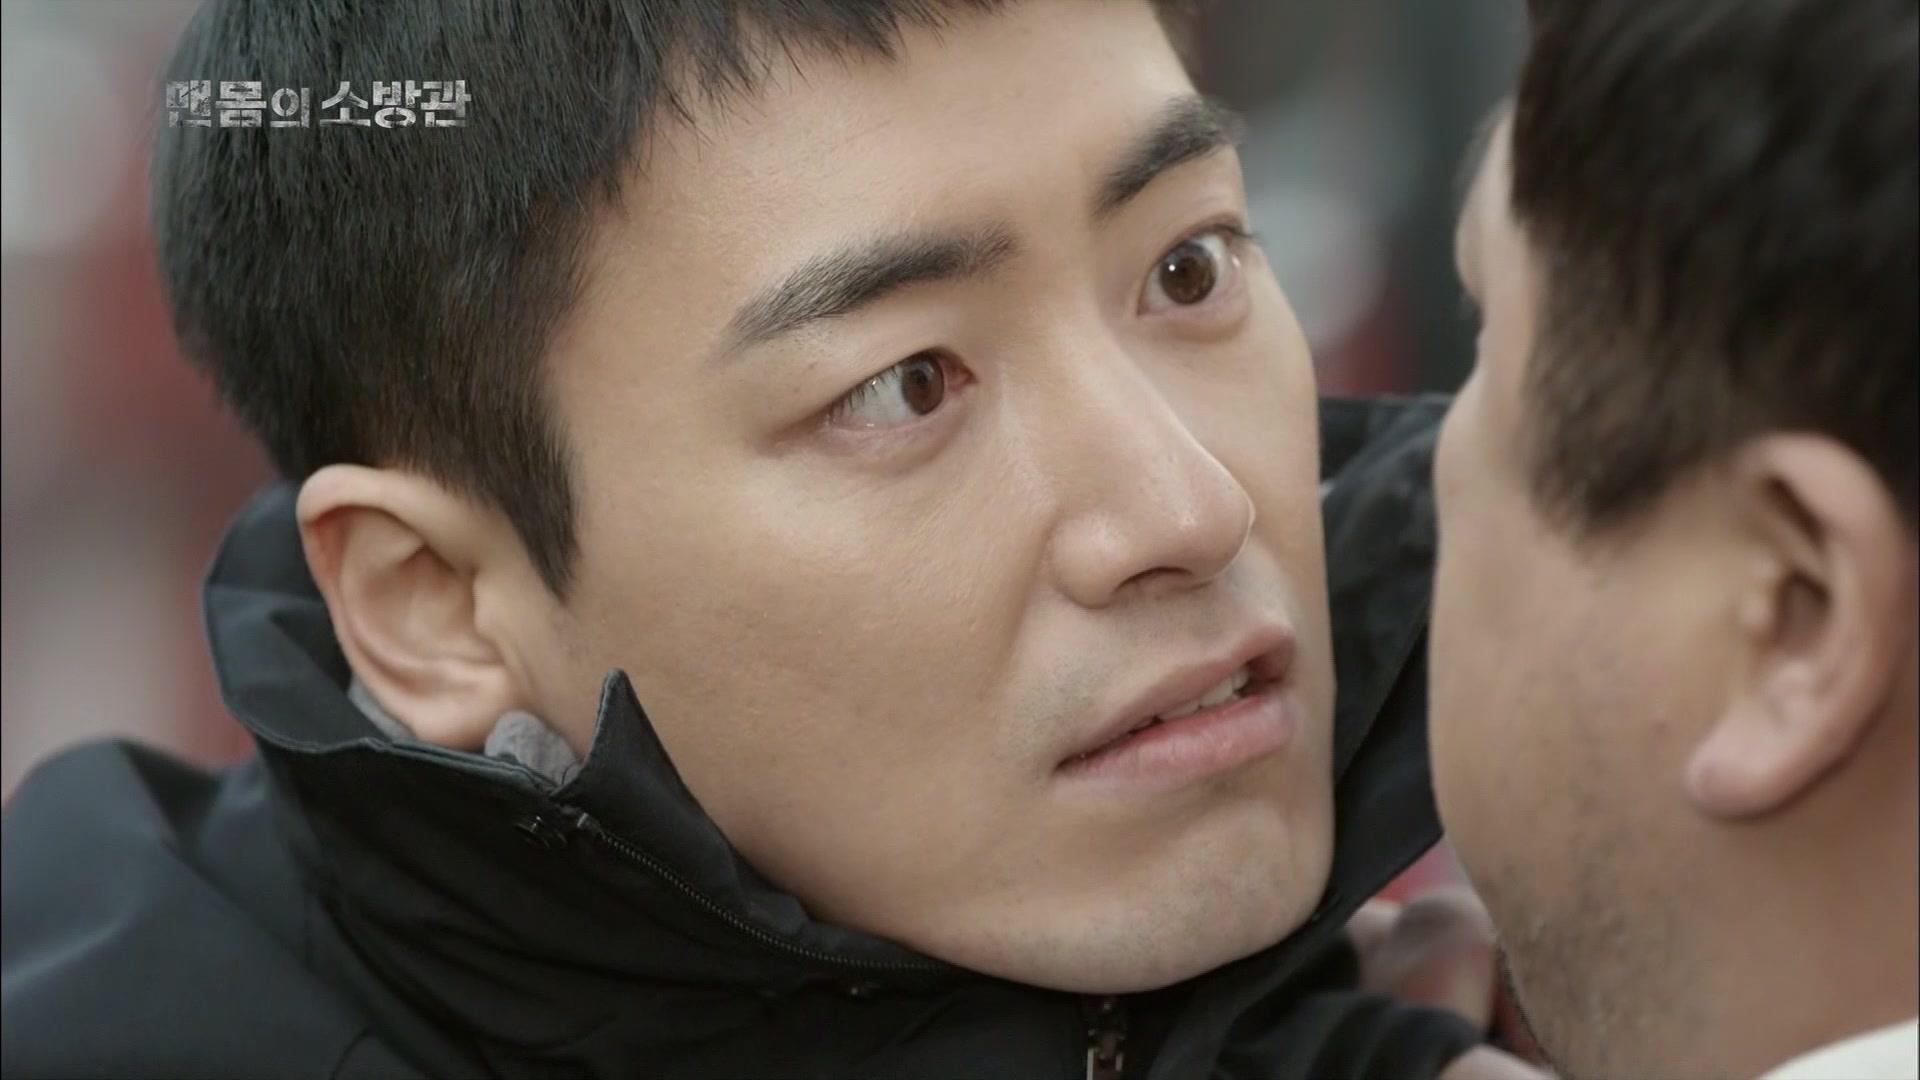 SEO Kang Joon datant